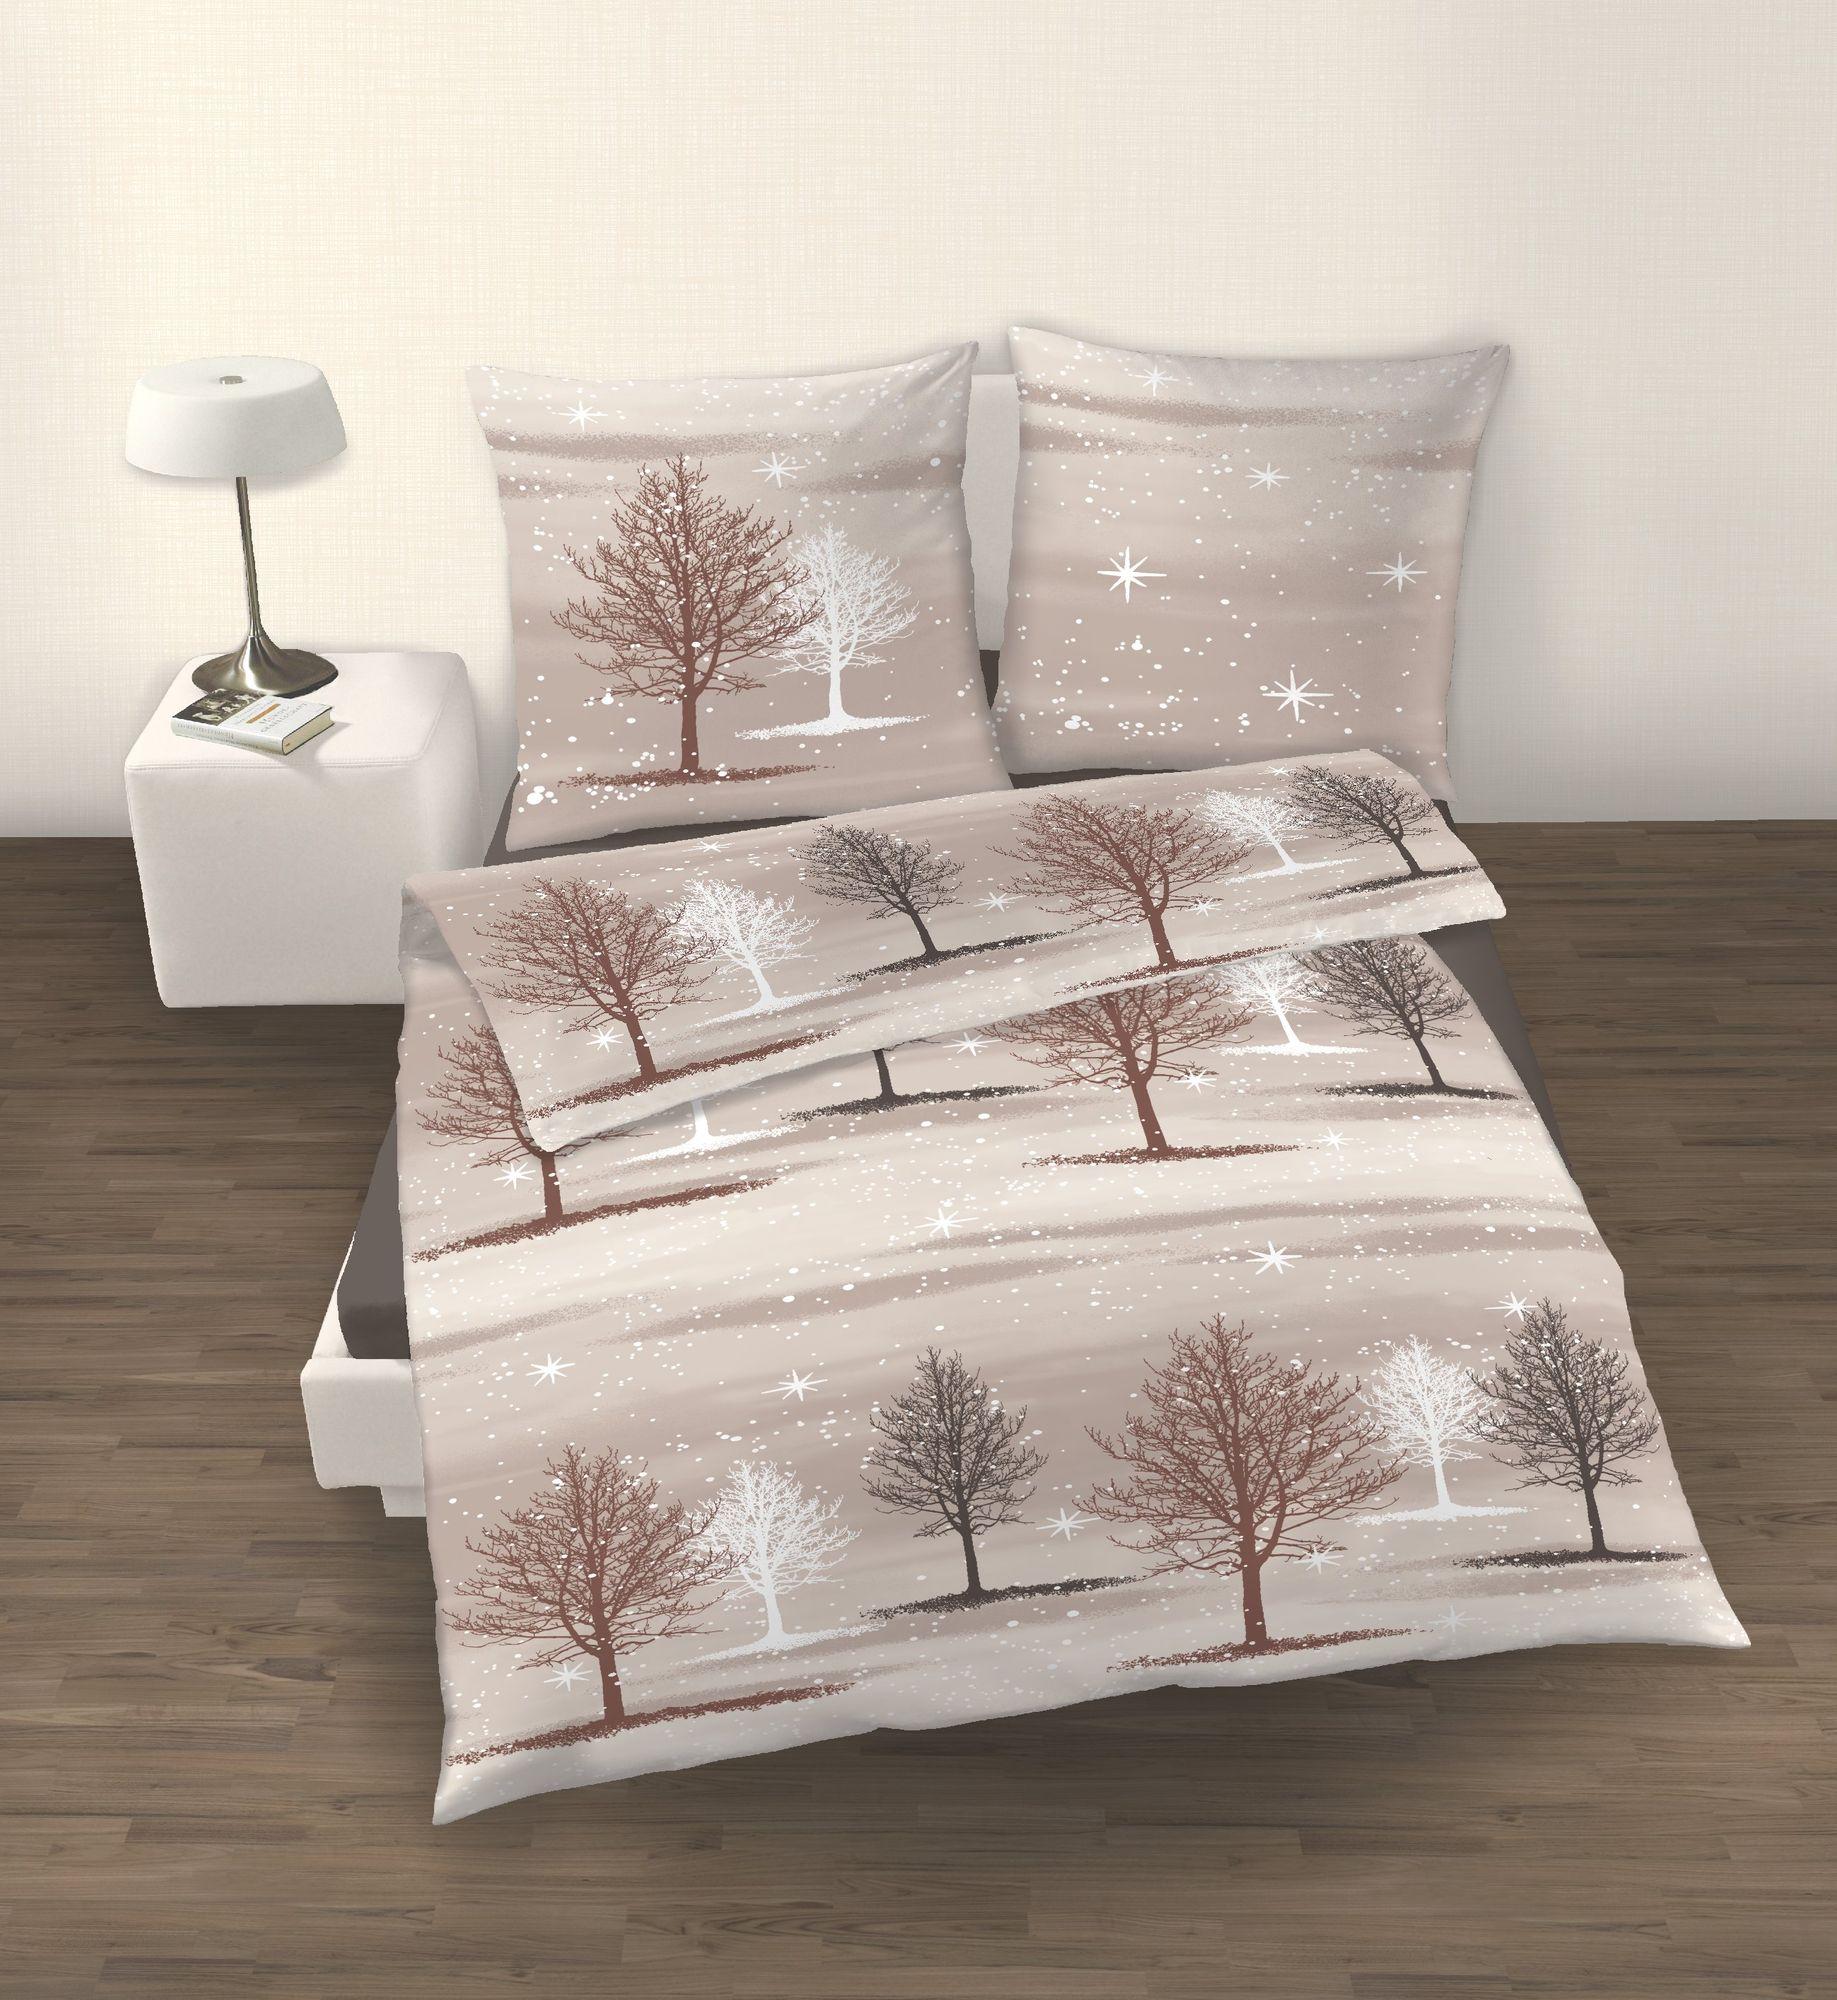 fein biber bettw sche 2tlg braun beige flanell 135 200 cm. Black Bedroom Furniture Sets. Home Design Ideas